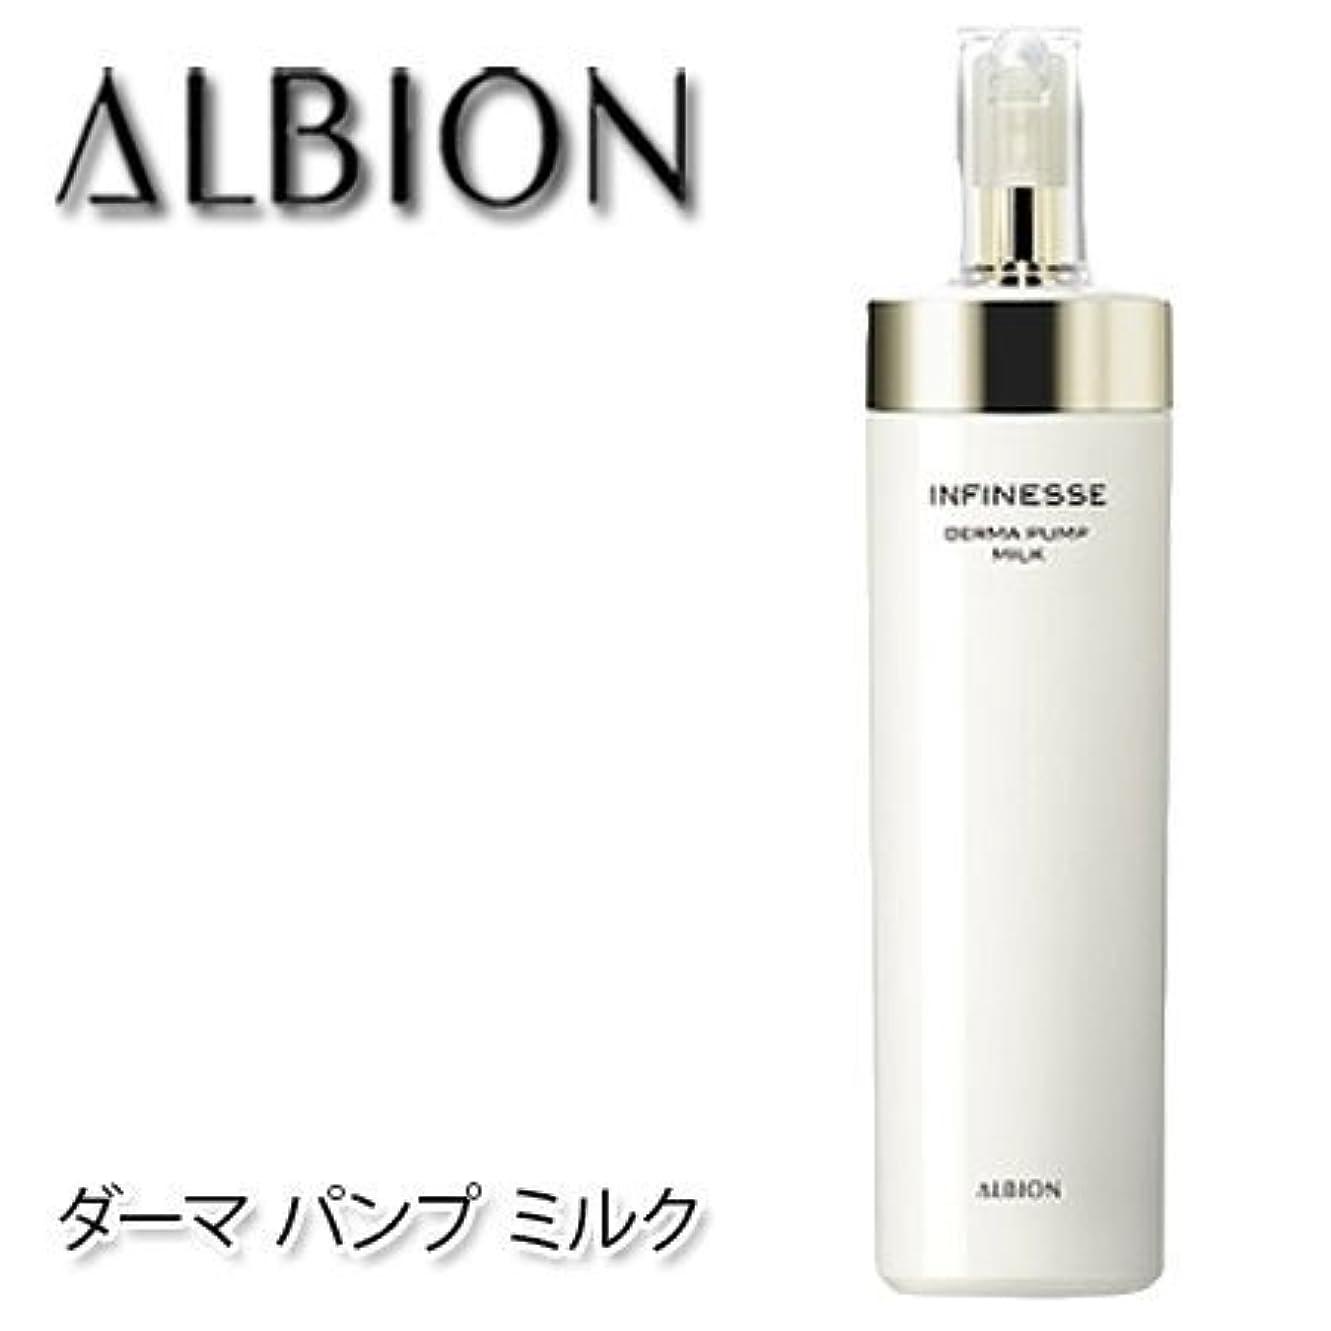 起きる旧正月コマースアルビオン アンフィネス ダーマ パンプ ミルク 200g-ALBION-